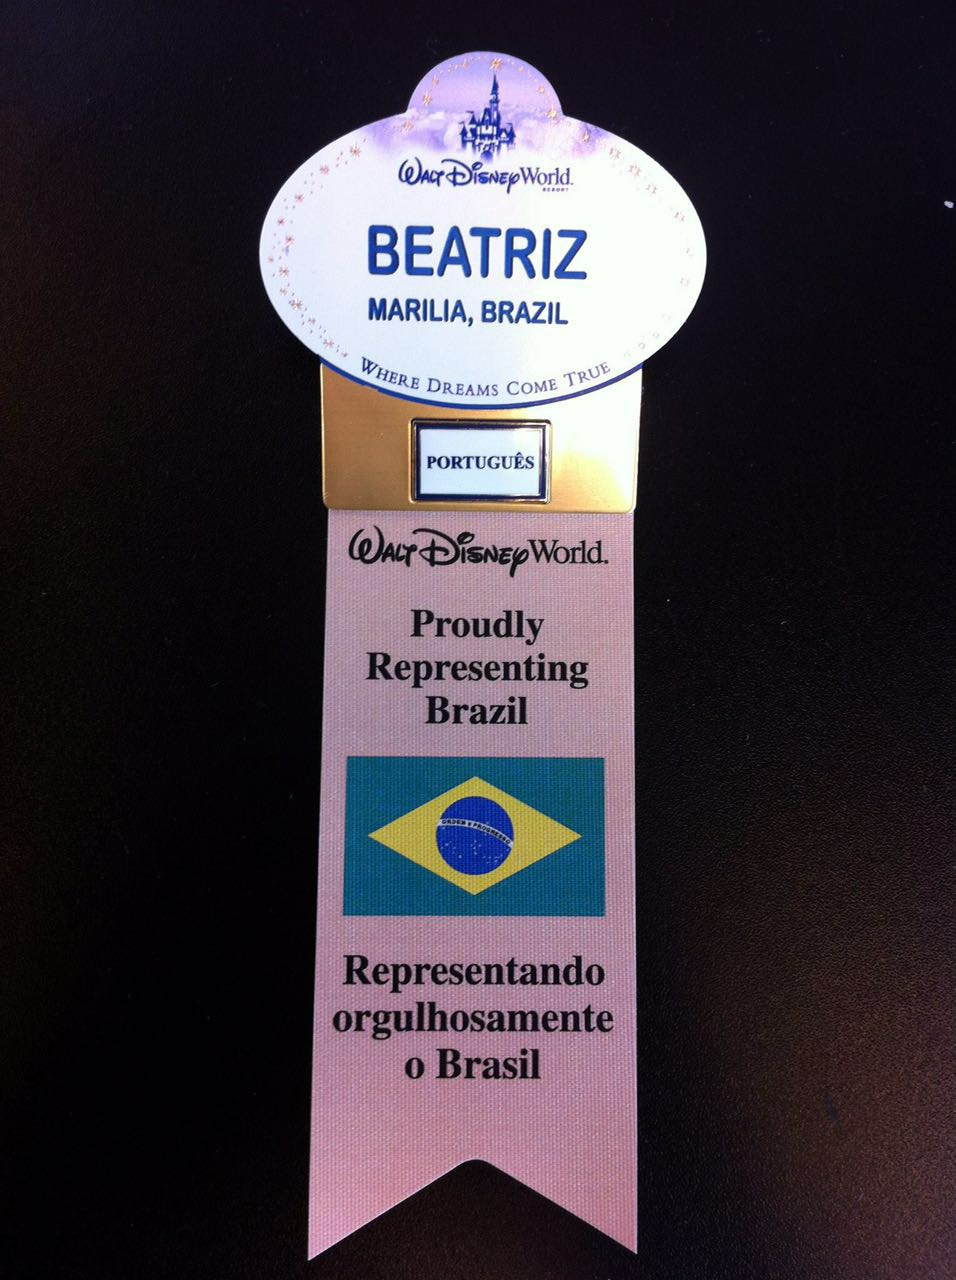 """O dia que eu descobri que a Bia nasceu em Marilia e não Assis!  Foto do crachá da Bia quando ela trabalhou na Disney, indicando que ela nasceu em Marília, fala português e embaixo, uma bandeira do Brasil e o texto """"proudly representing Brazil"""" com tradução mais abaixo"""